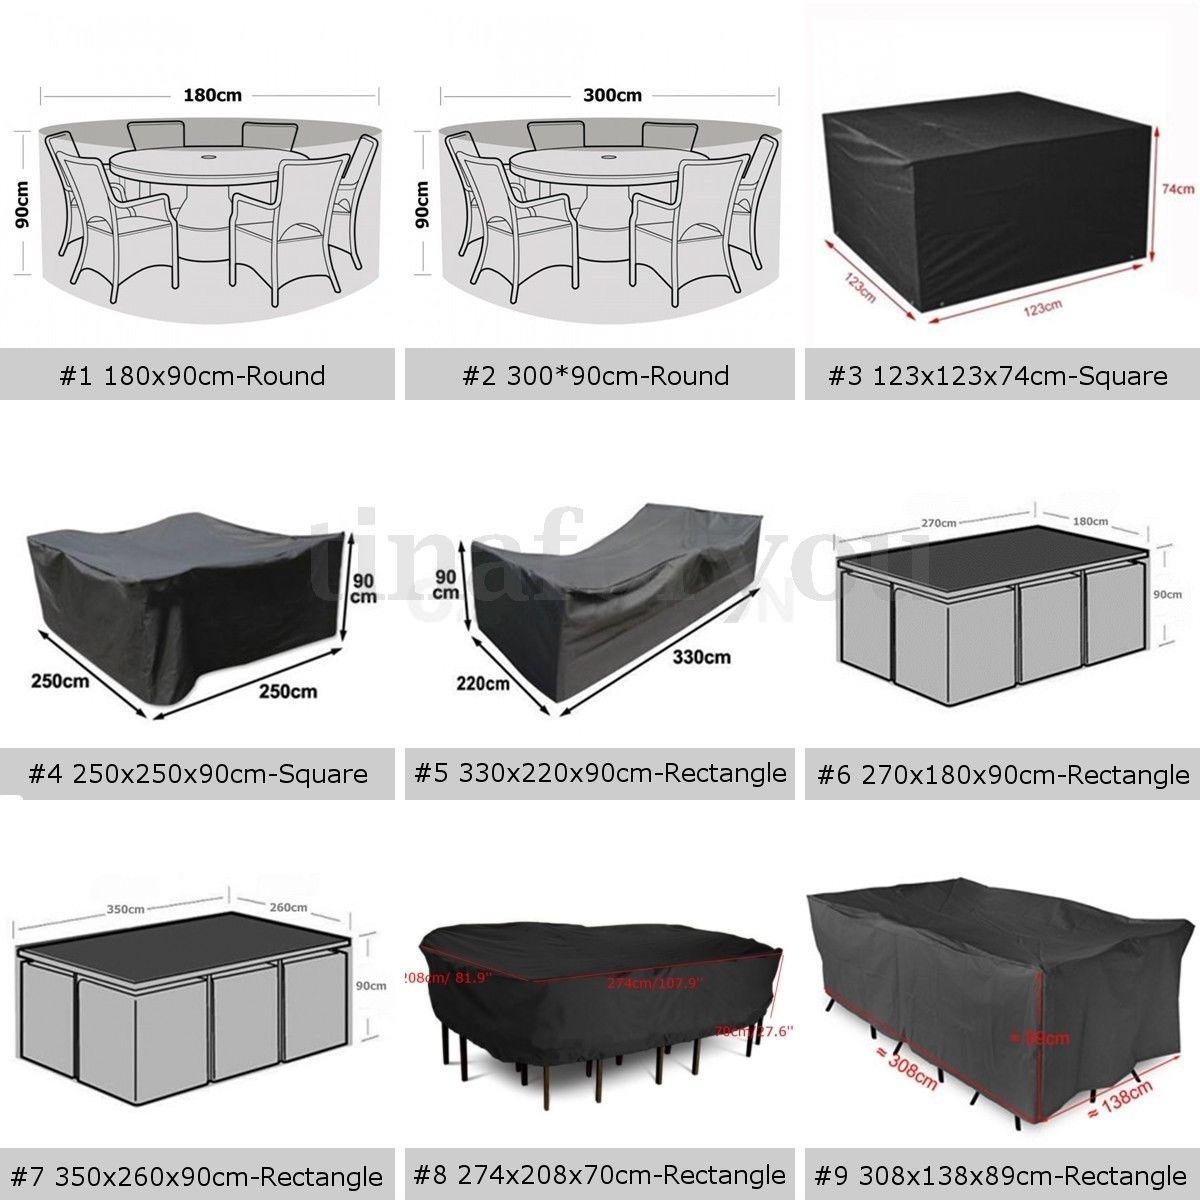 Funda Para Mueble De Jardin Bh Impermeables - $ 700,00 en Mercado Libre